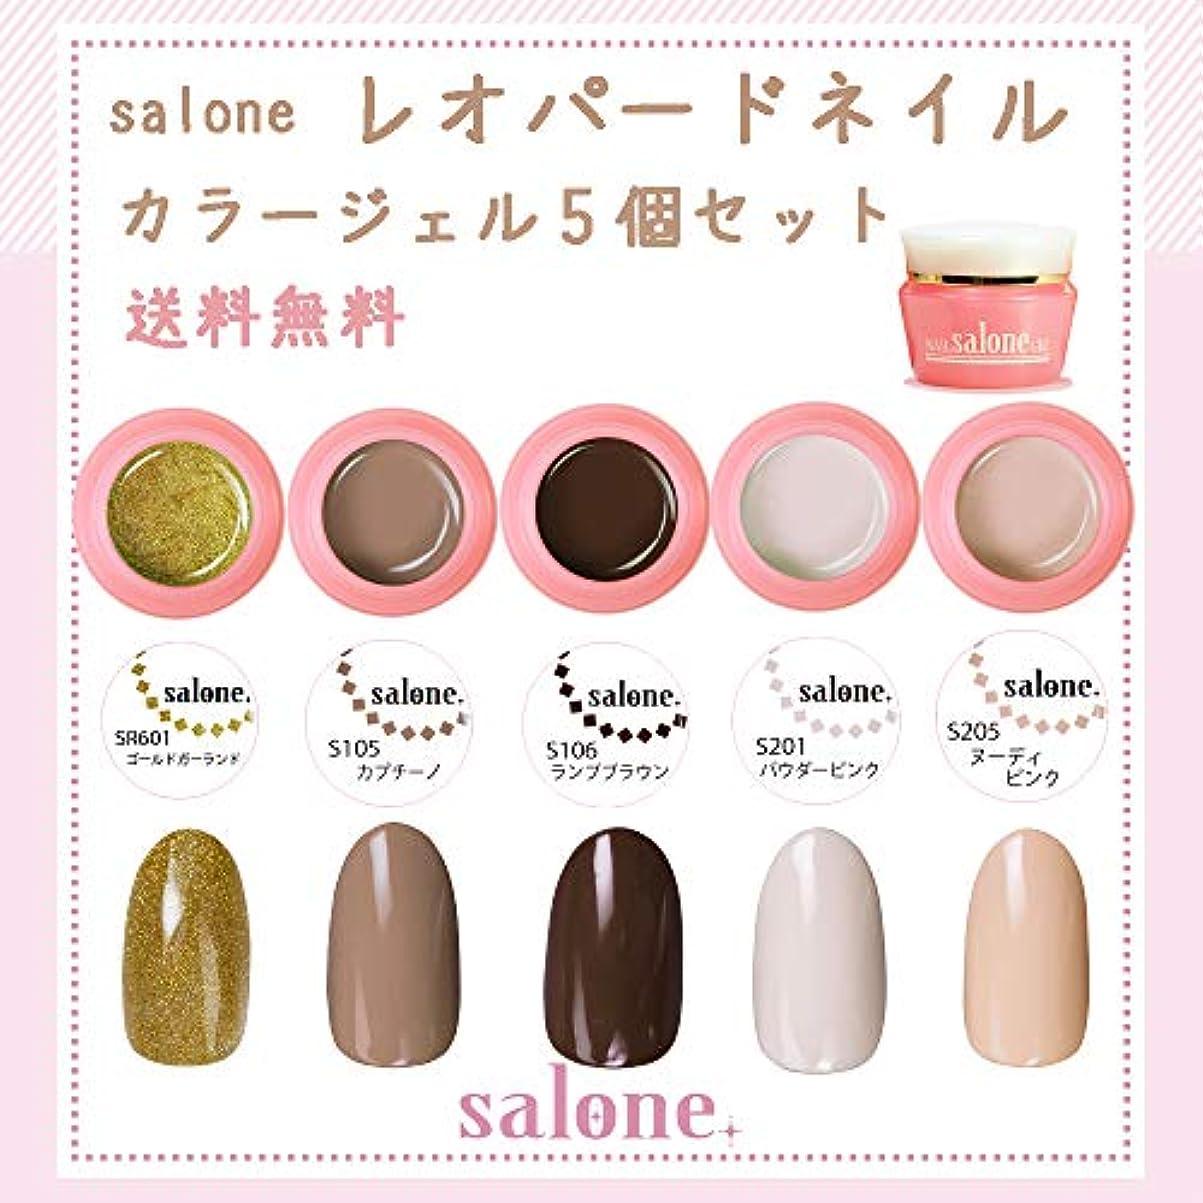 具体的に平和な無一文【送料無料 日本製】Salone レオパードネイルカラージェル5個セット 暖かく大人可愛いアニマル柄ネイルカラー